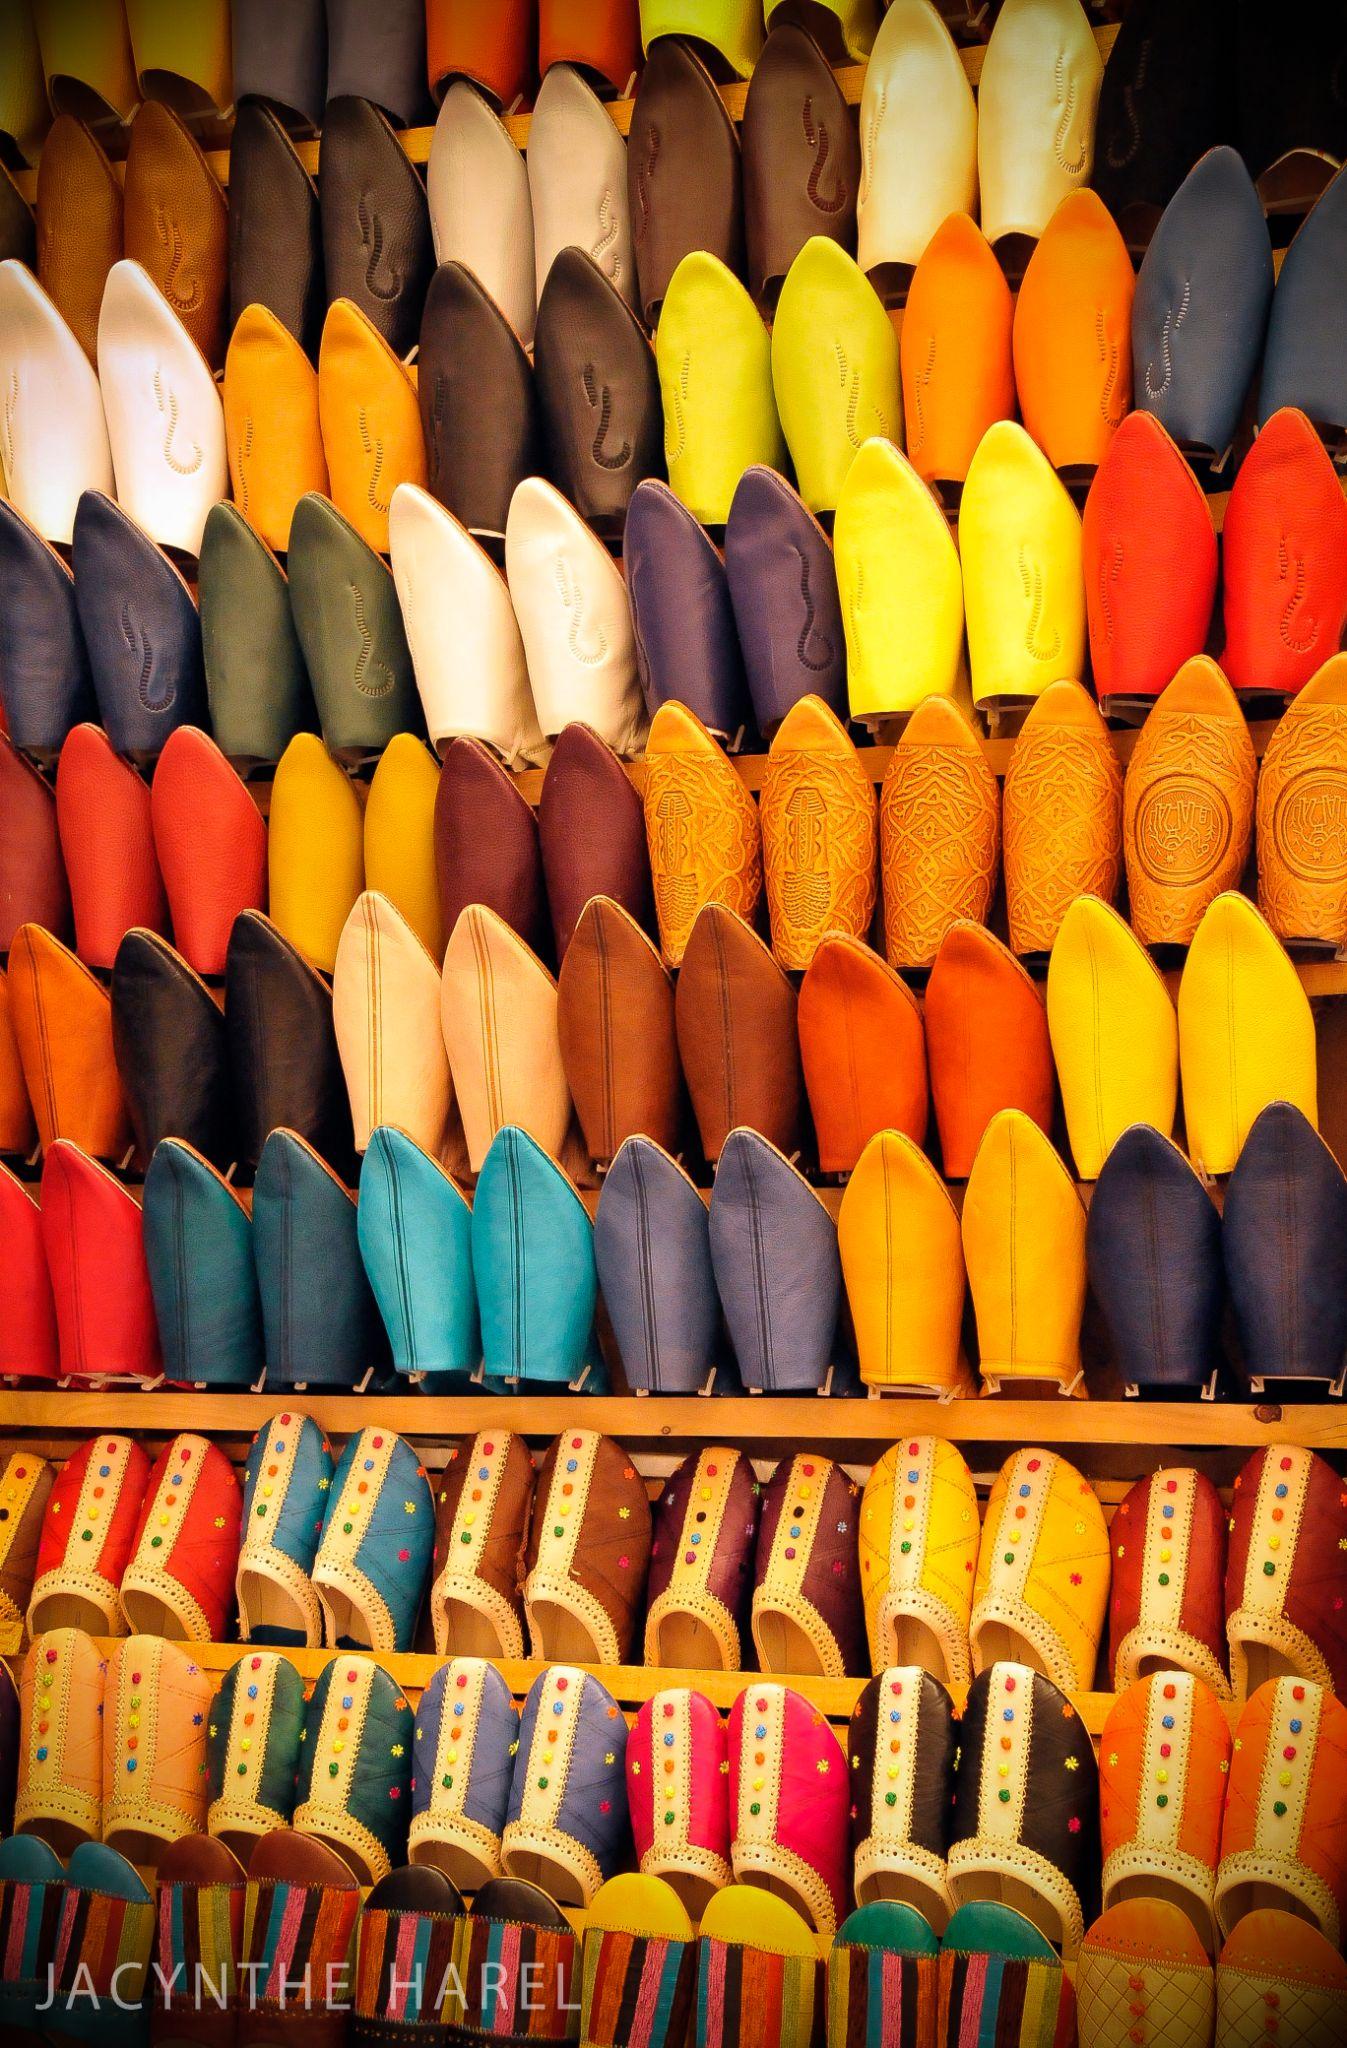 Babouches de Fes, Maroc by jacynthe.harel